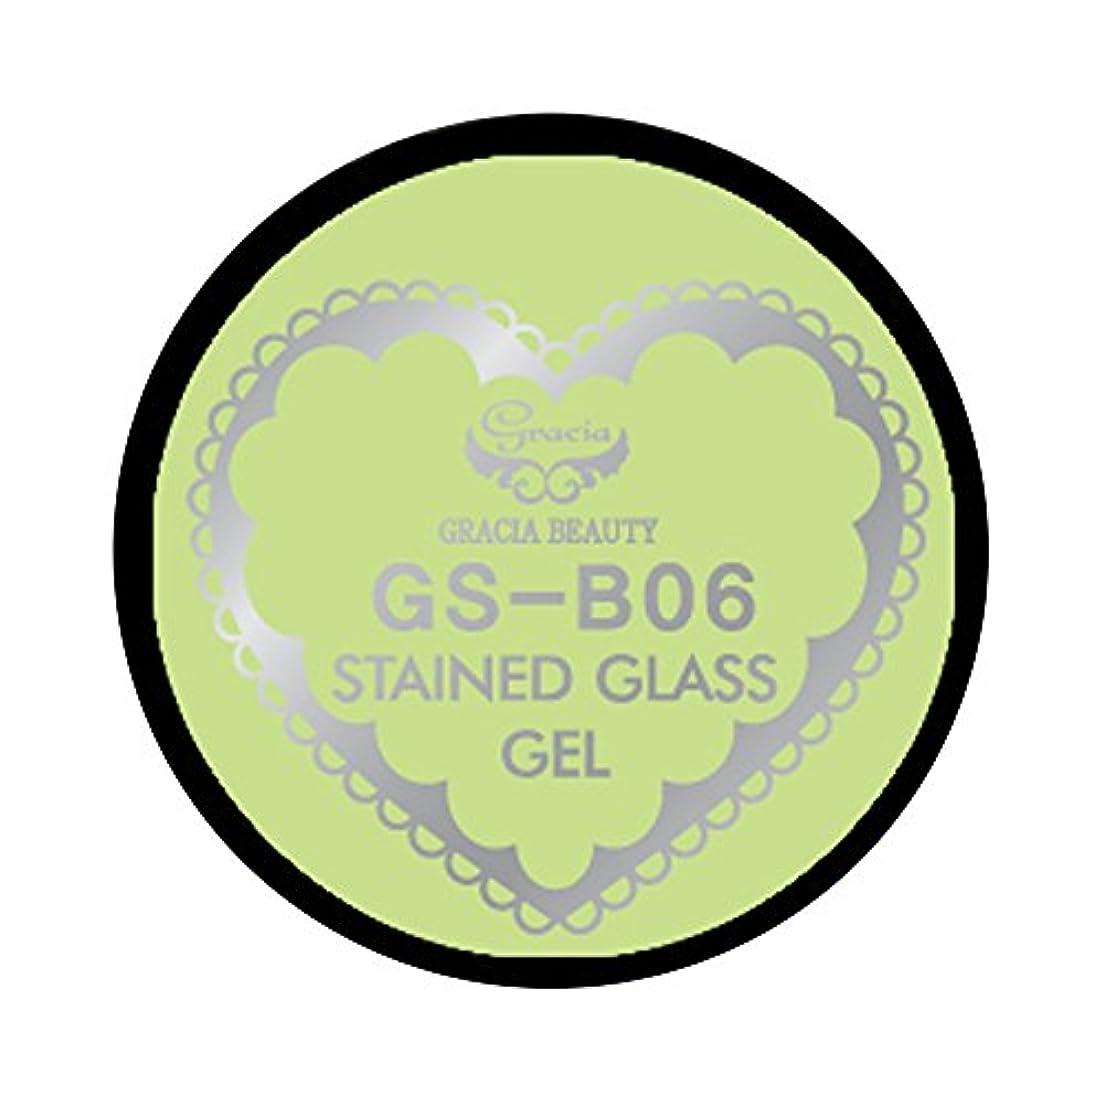 満了拮抗する遅らせるグラシア ジェルネイル ステンドグラスジェル GSM-B06 3g  ベーシック UV/LED対応 カラージェル ソークオフジェル ガラスのような透明感